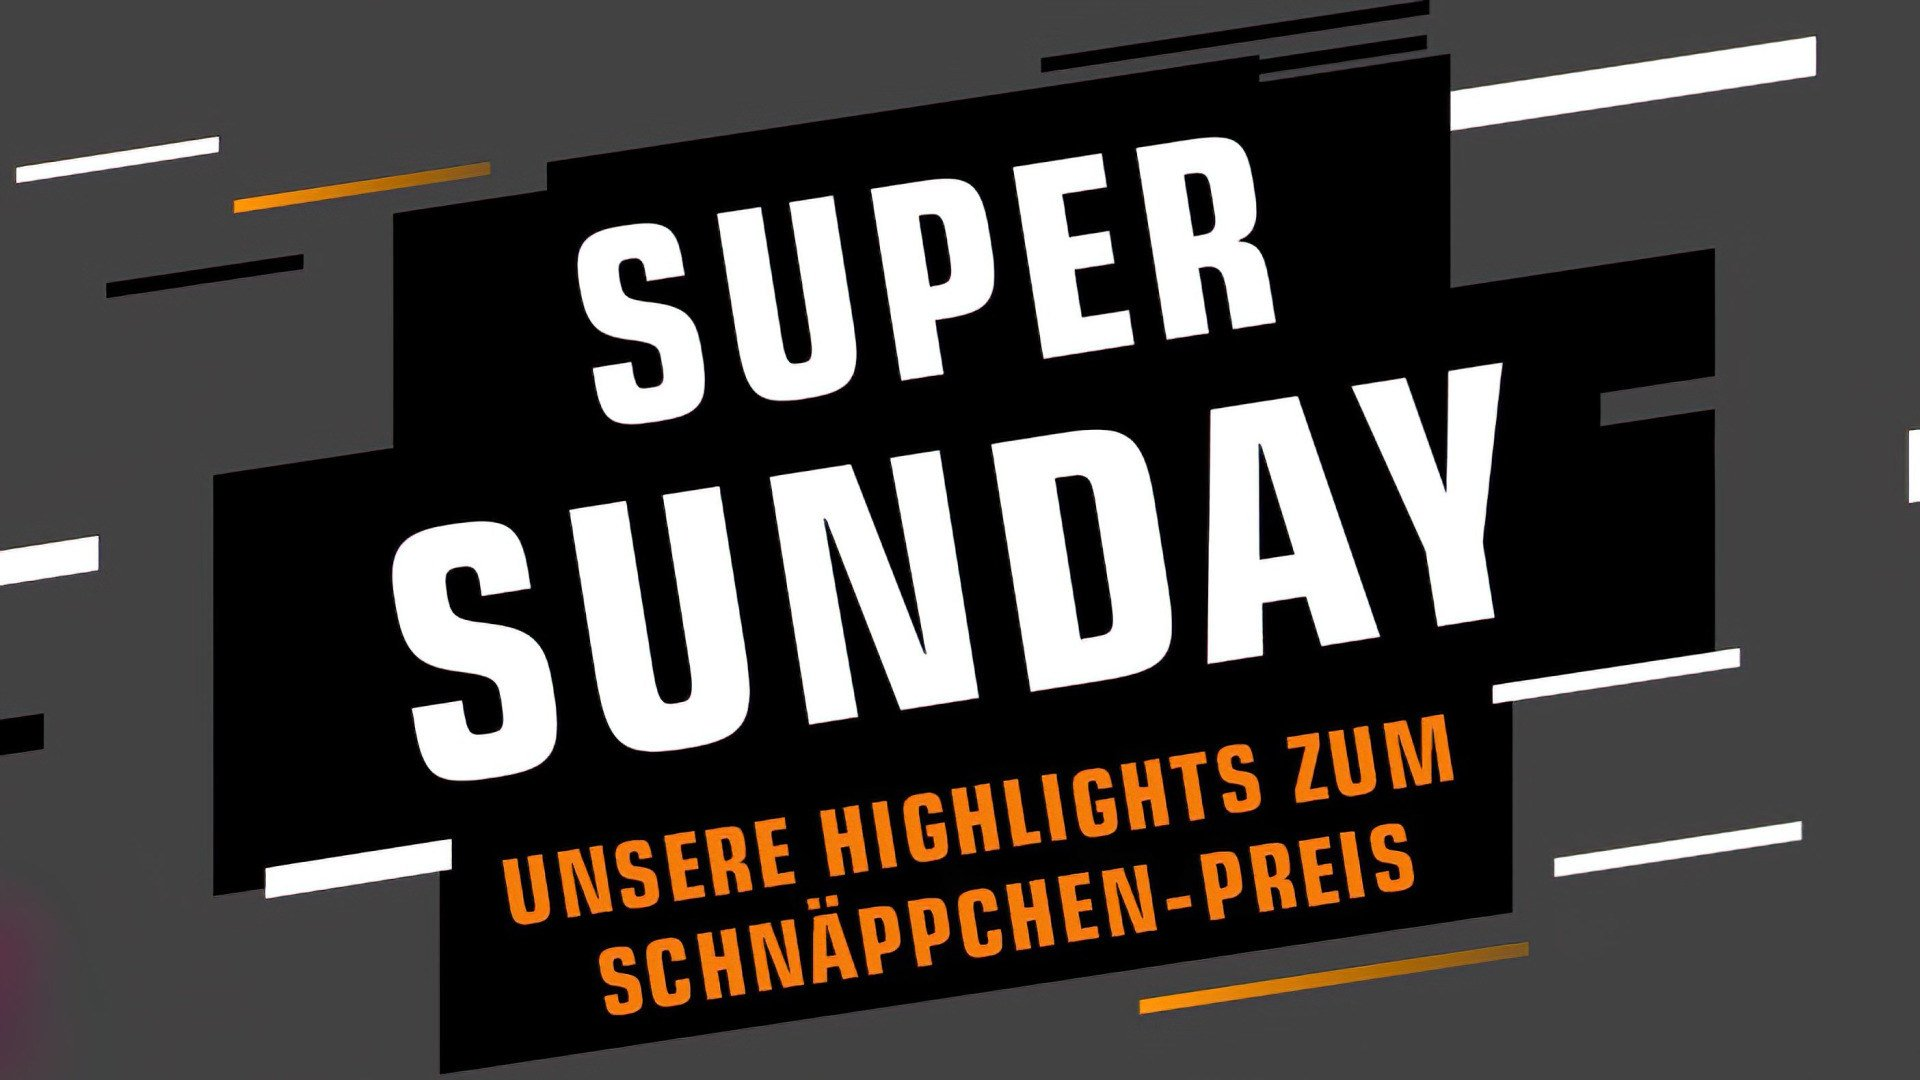 Schnäppchen, Sonderangebote, Rabattaktion, sale, Deals, Saturn, prospekt, Angebote, Super Sunday, Sonntag